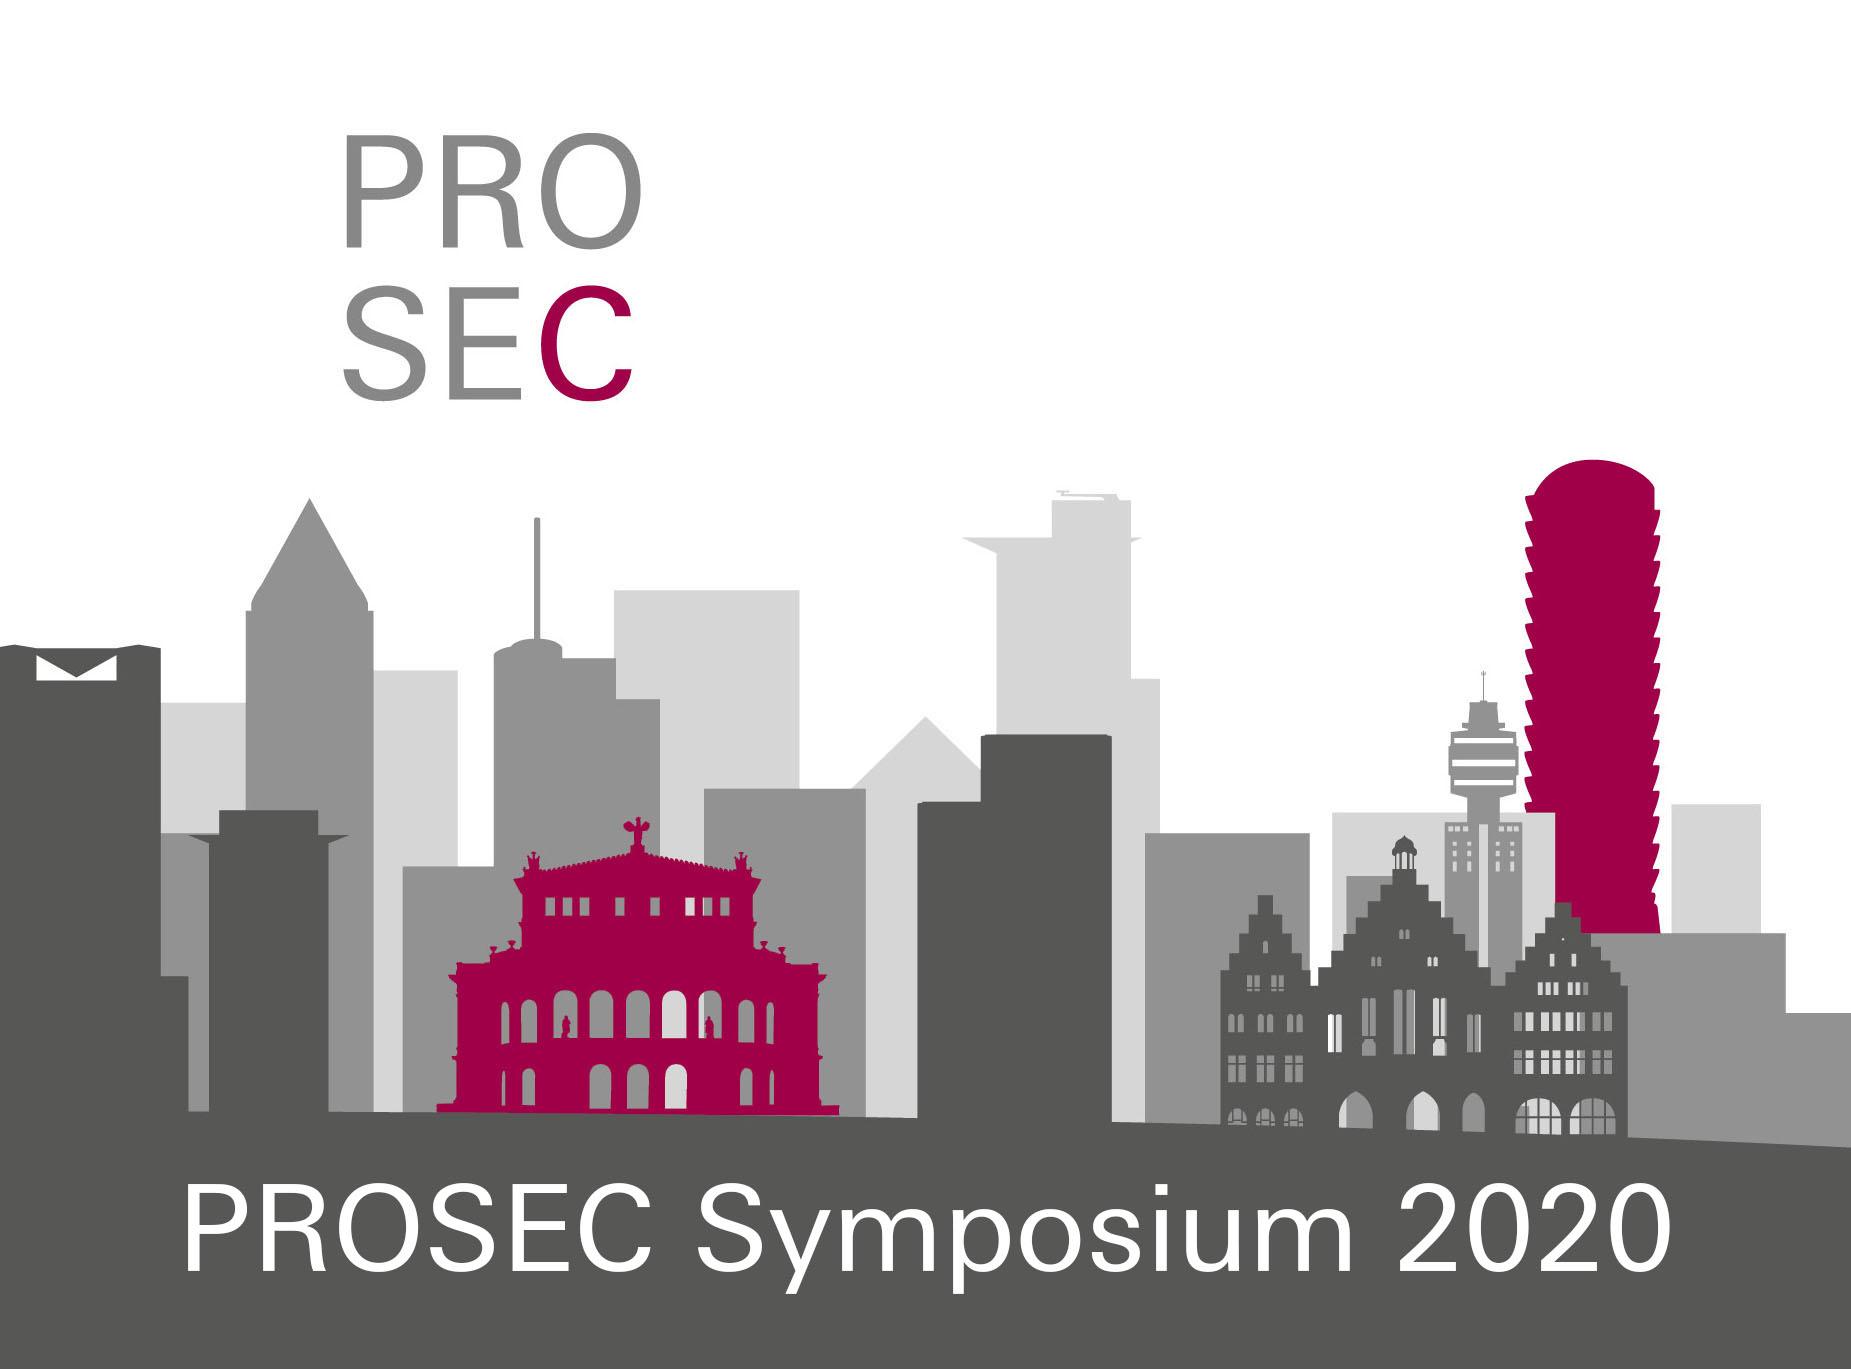 PROSEC Symposium 2020